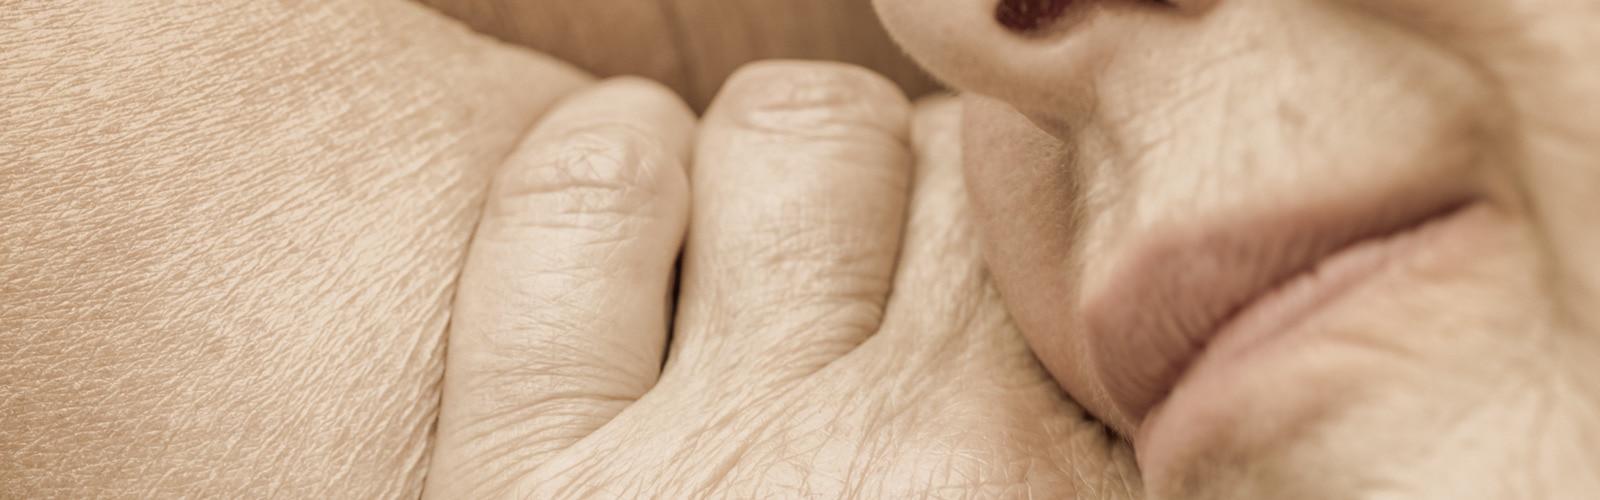 Пришла пора ухода за кожей пожилых людей